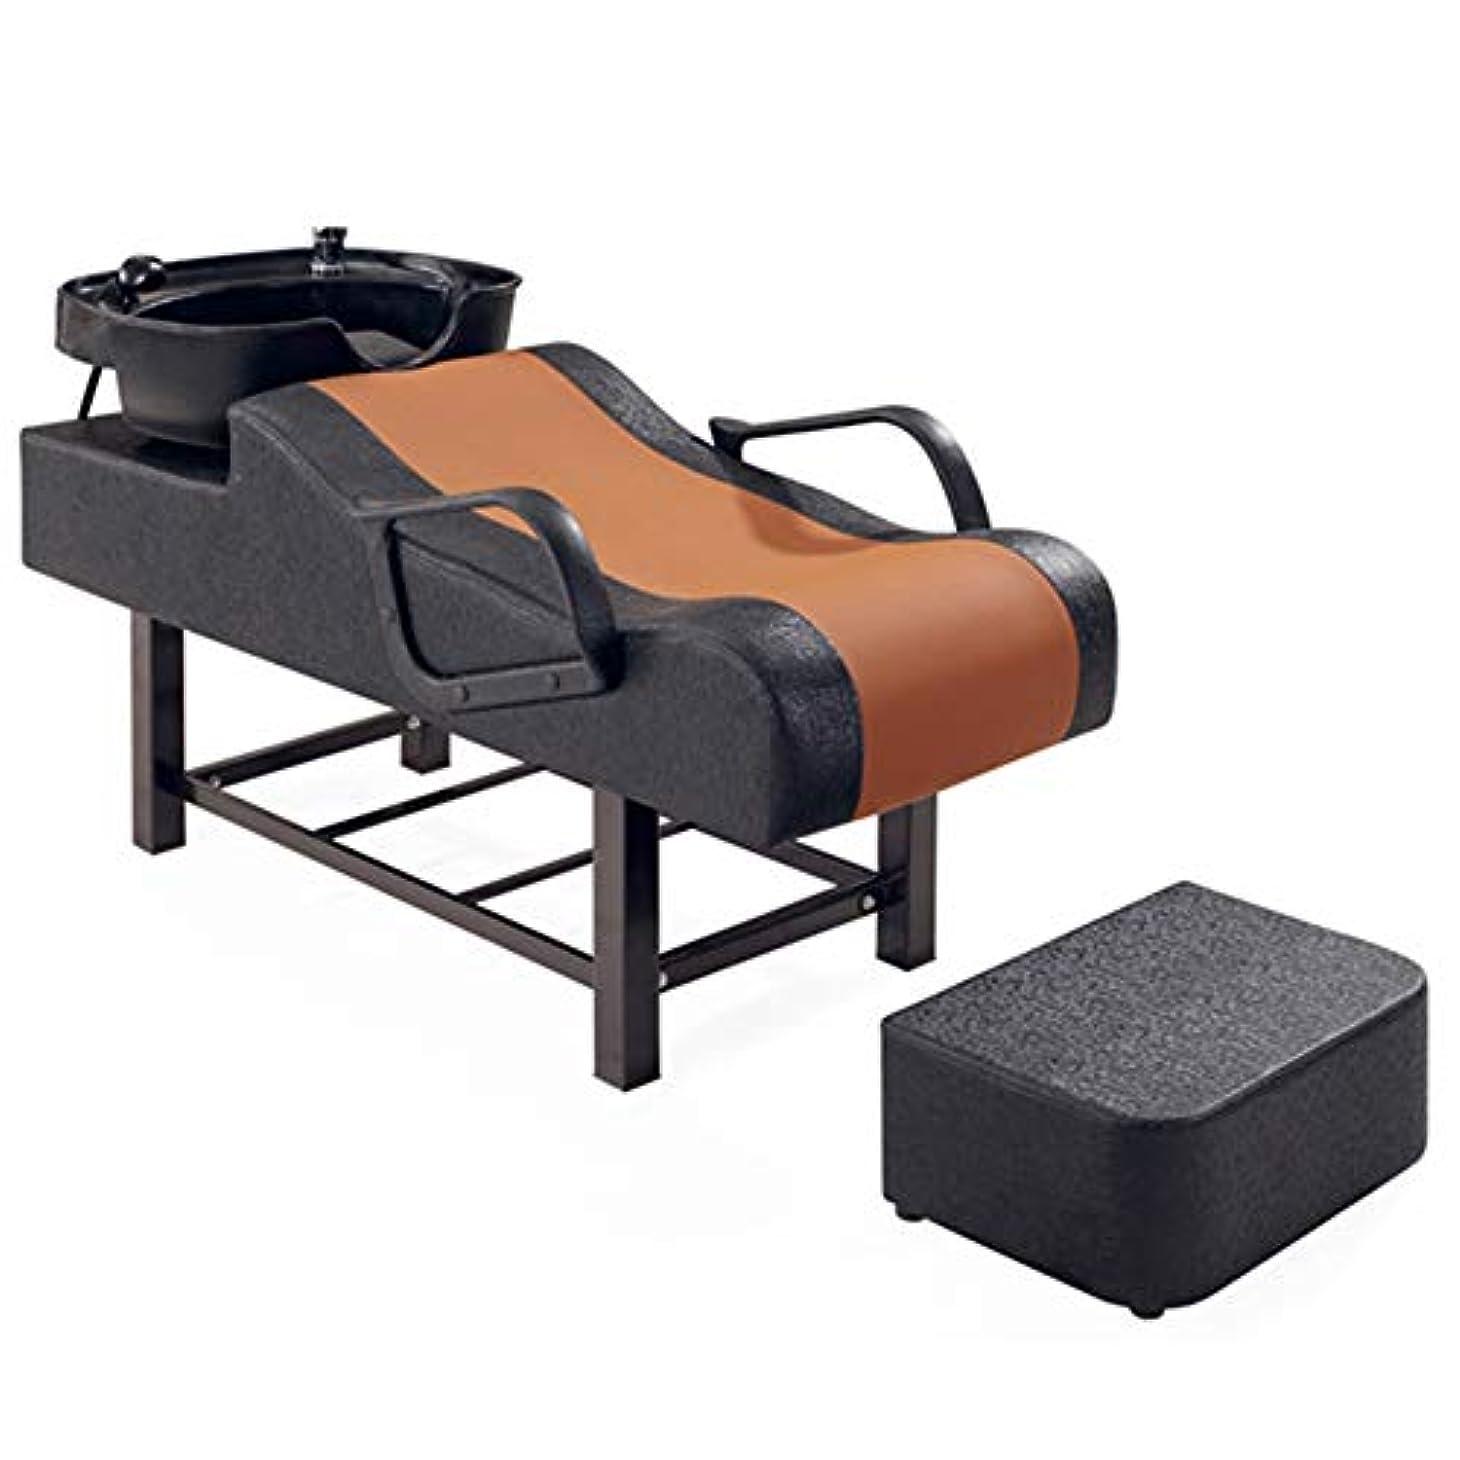 足首スタンドビュッフェシャンプーの理髪師の逆洗の椅子、鉱泉の美容院の穿孔器のベッドのためのシャンプーボールの流しの椅子